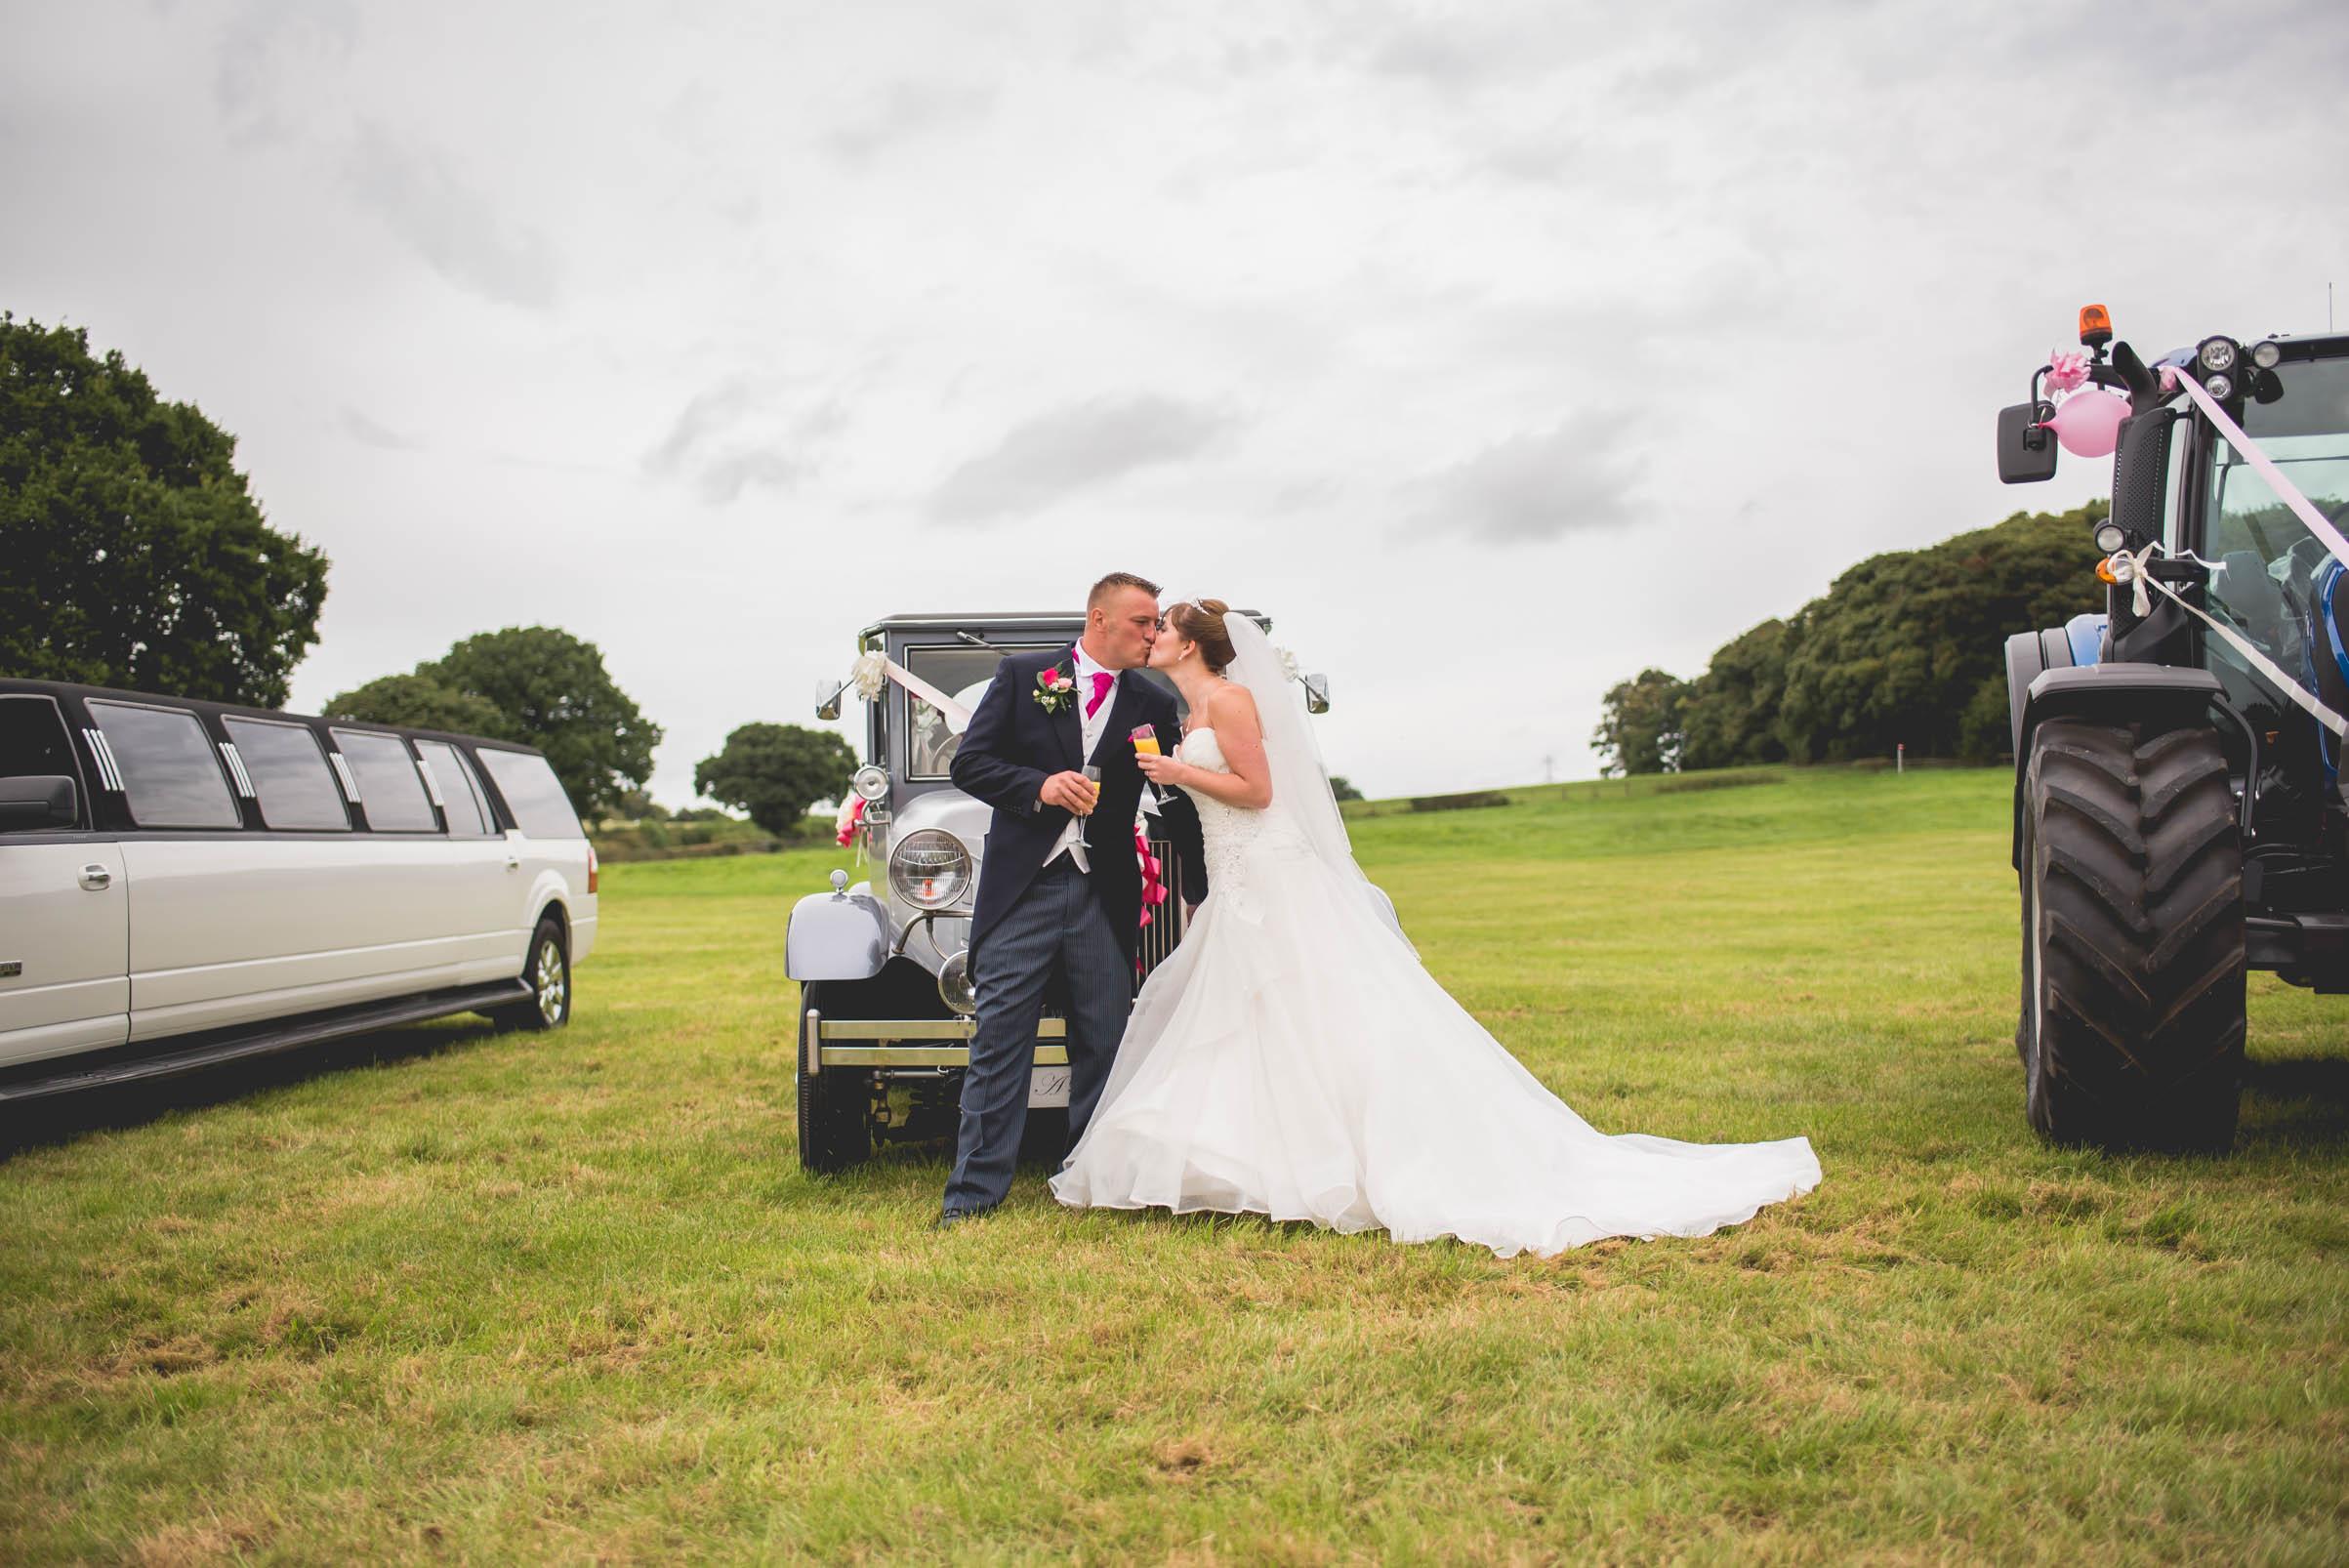 Farm-wedding-staffordshire-st-marys-catholic-church-uttoxter-60.jpg